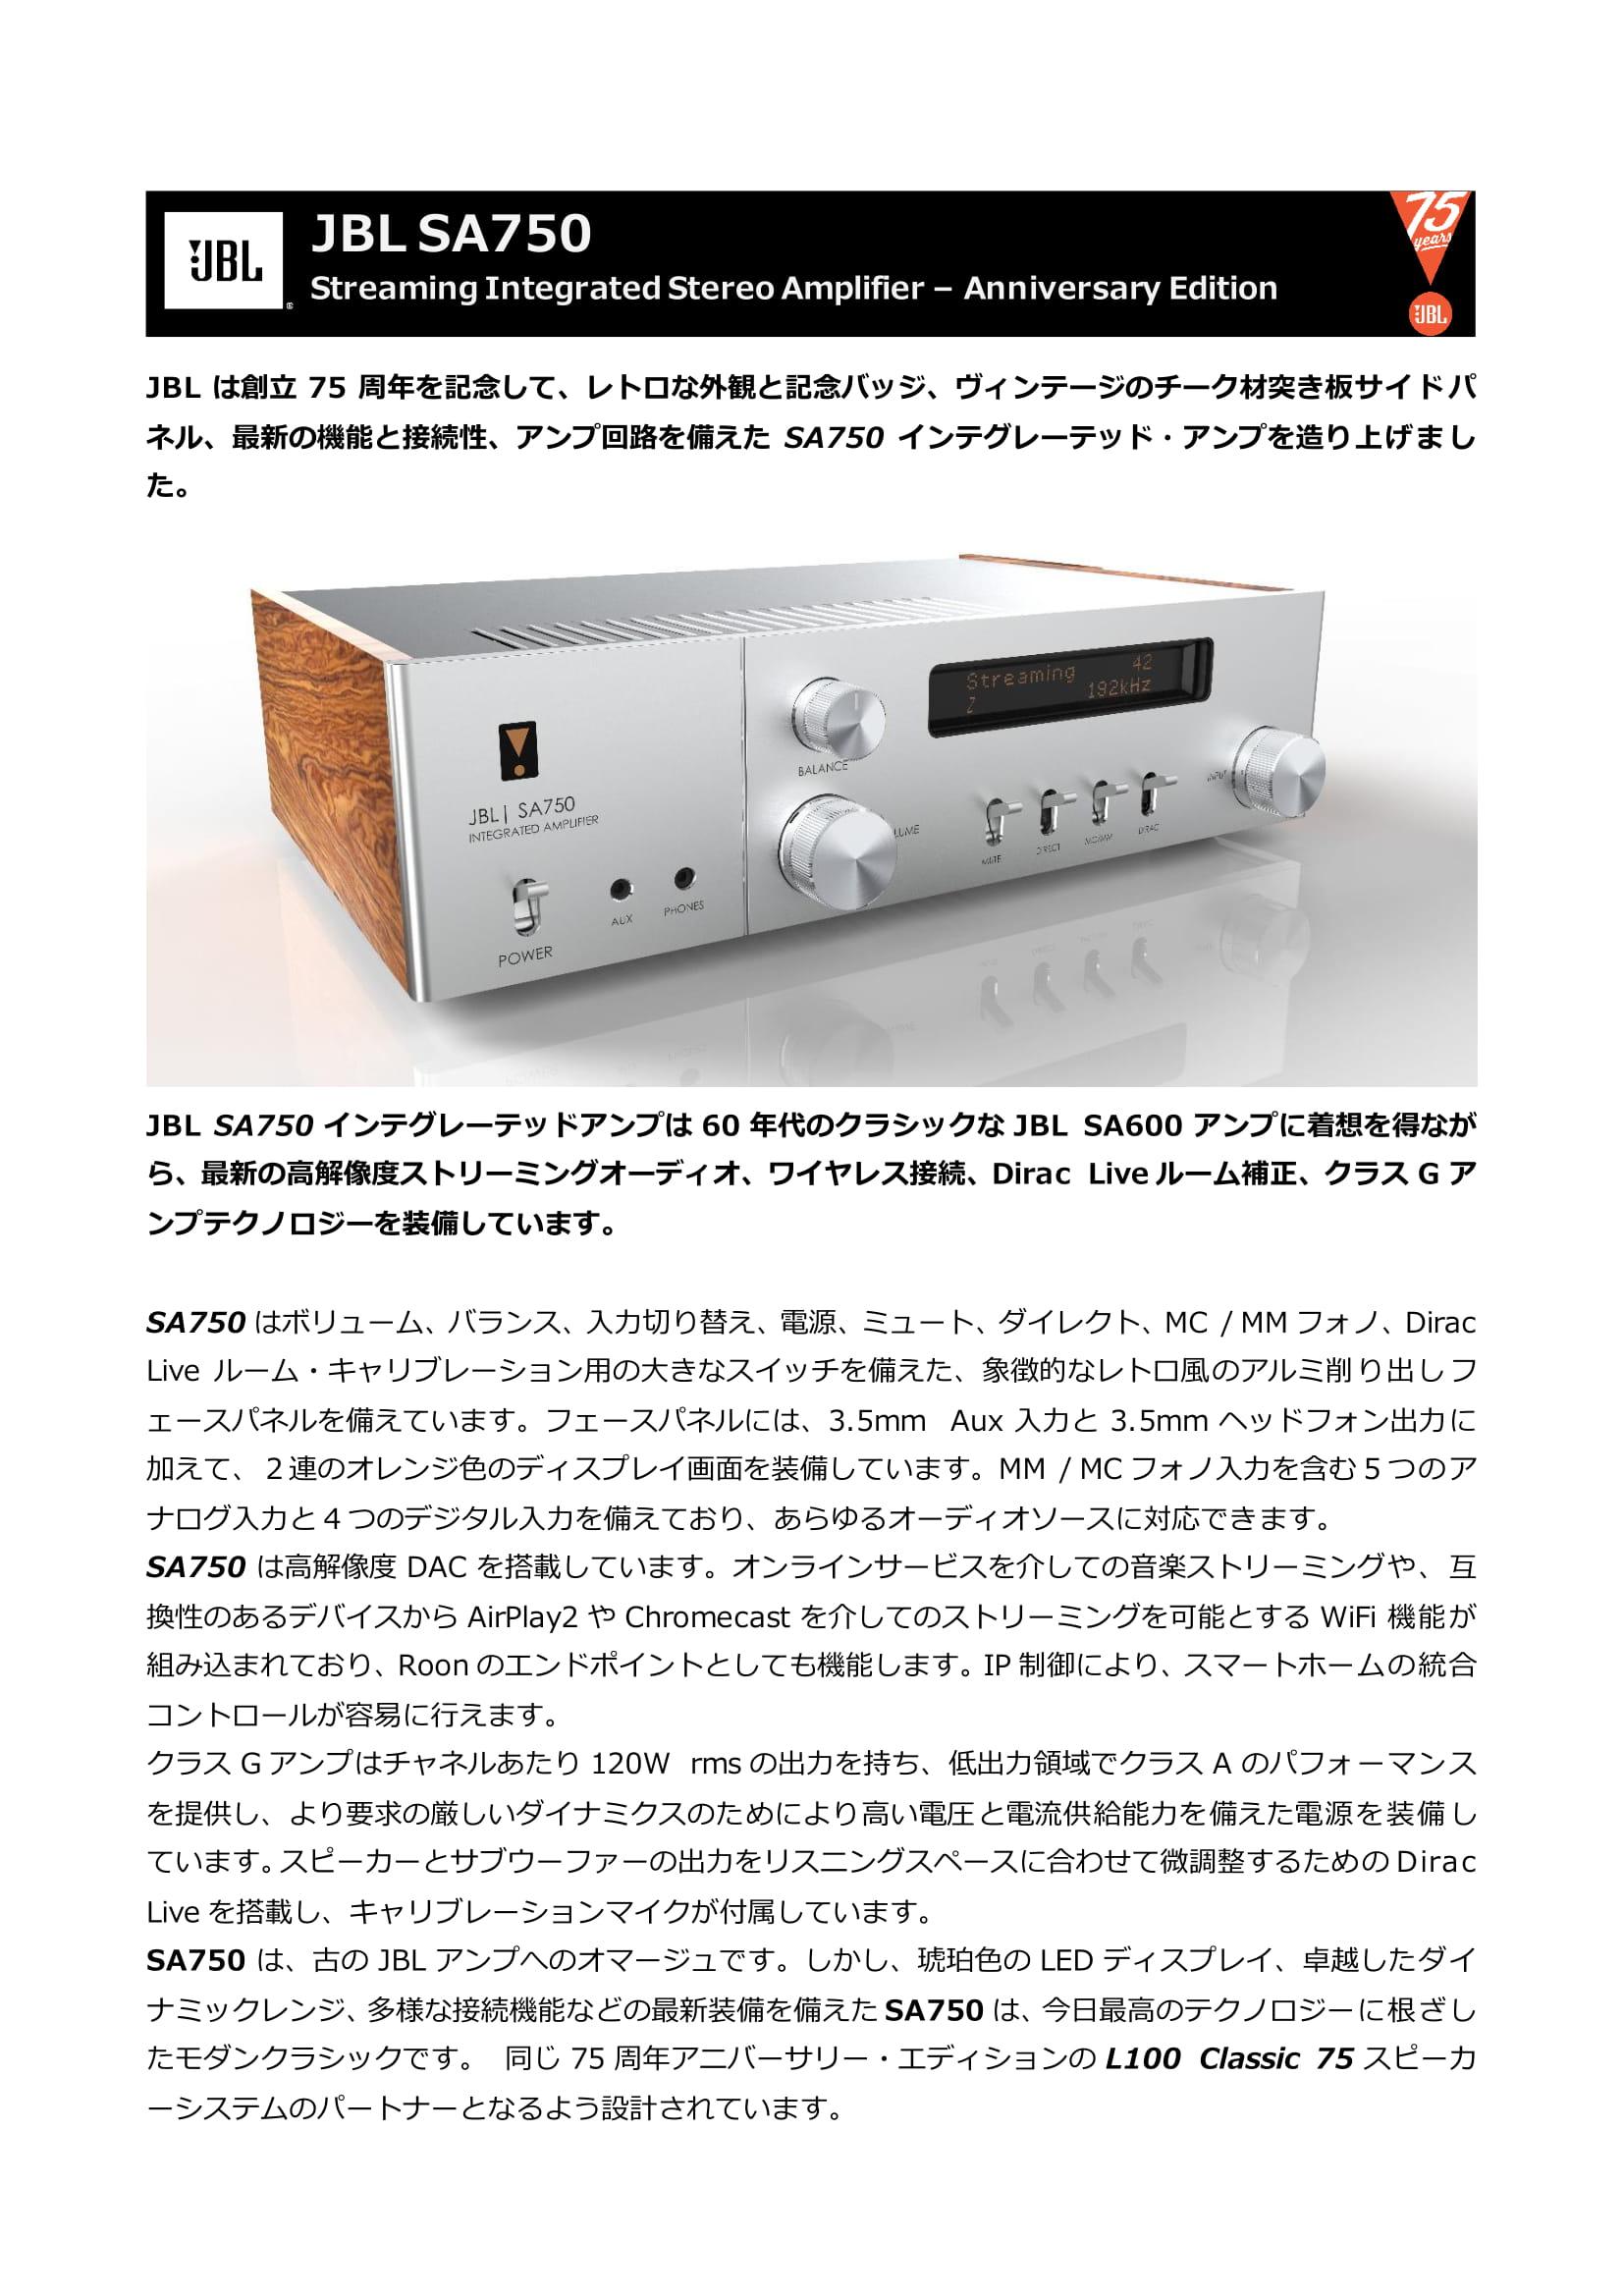 JBL SA750暫定資料-1